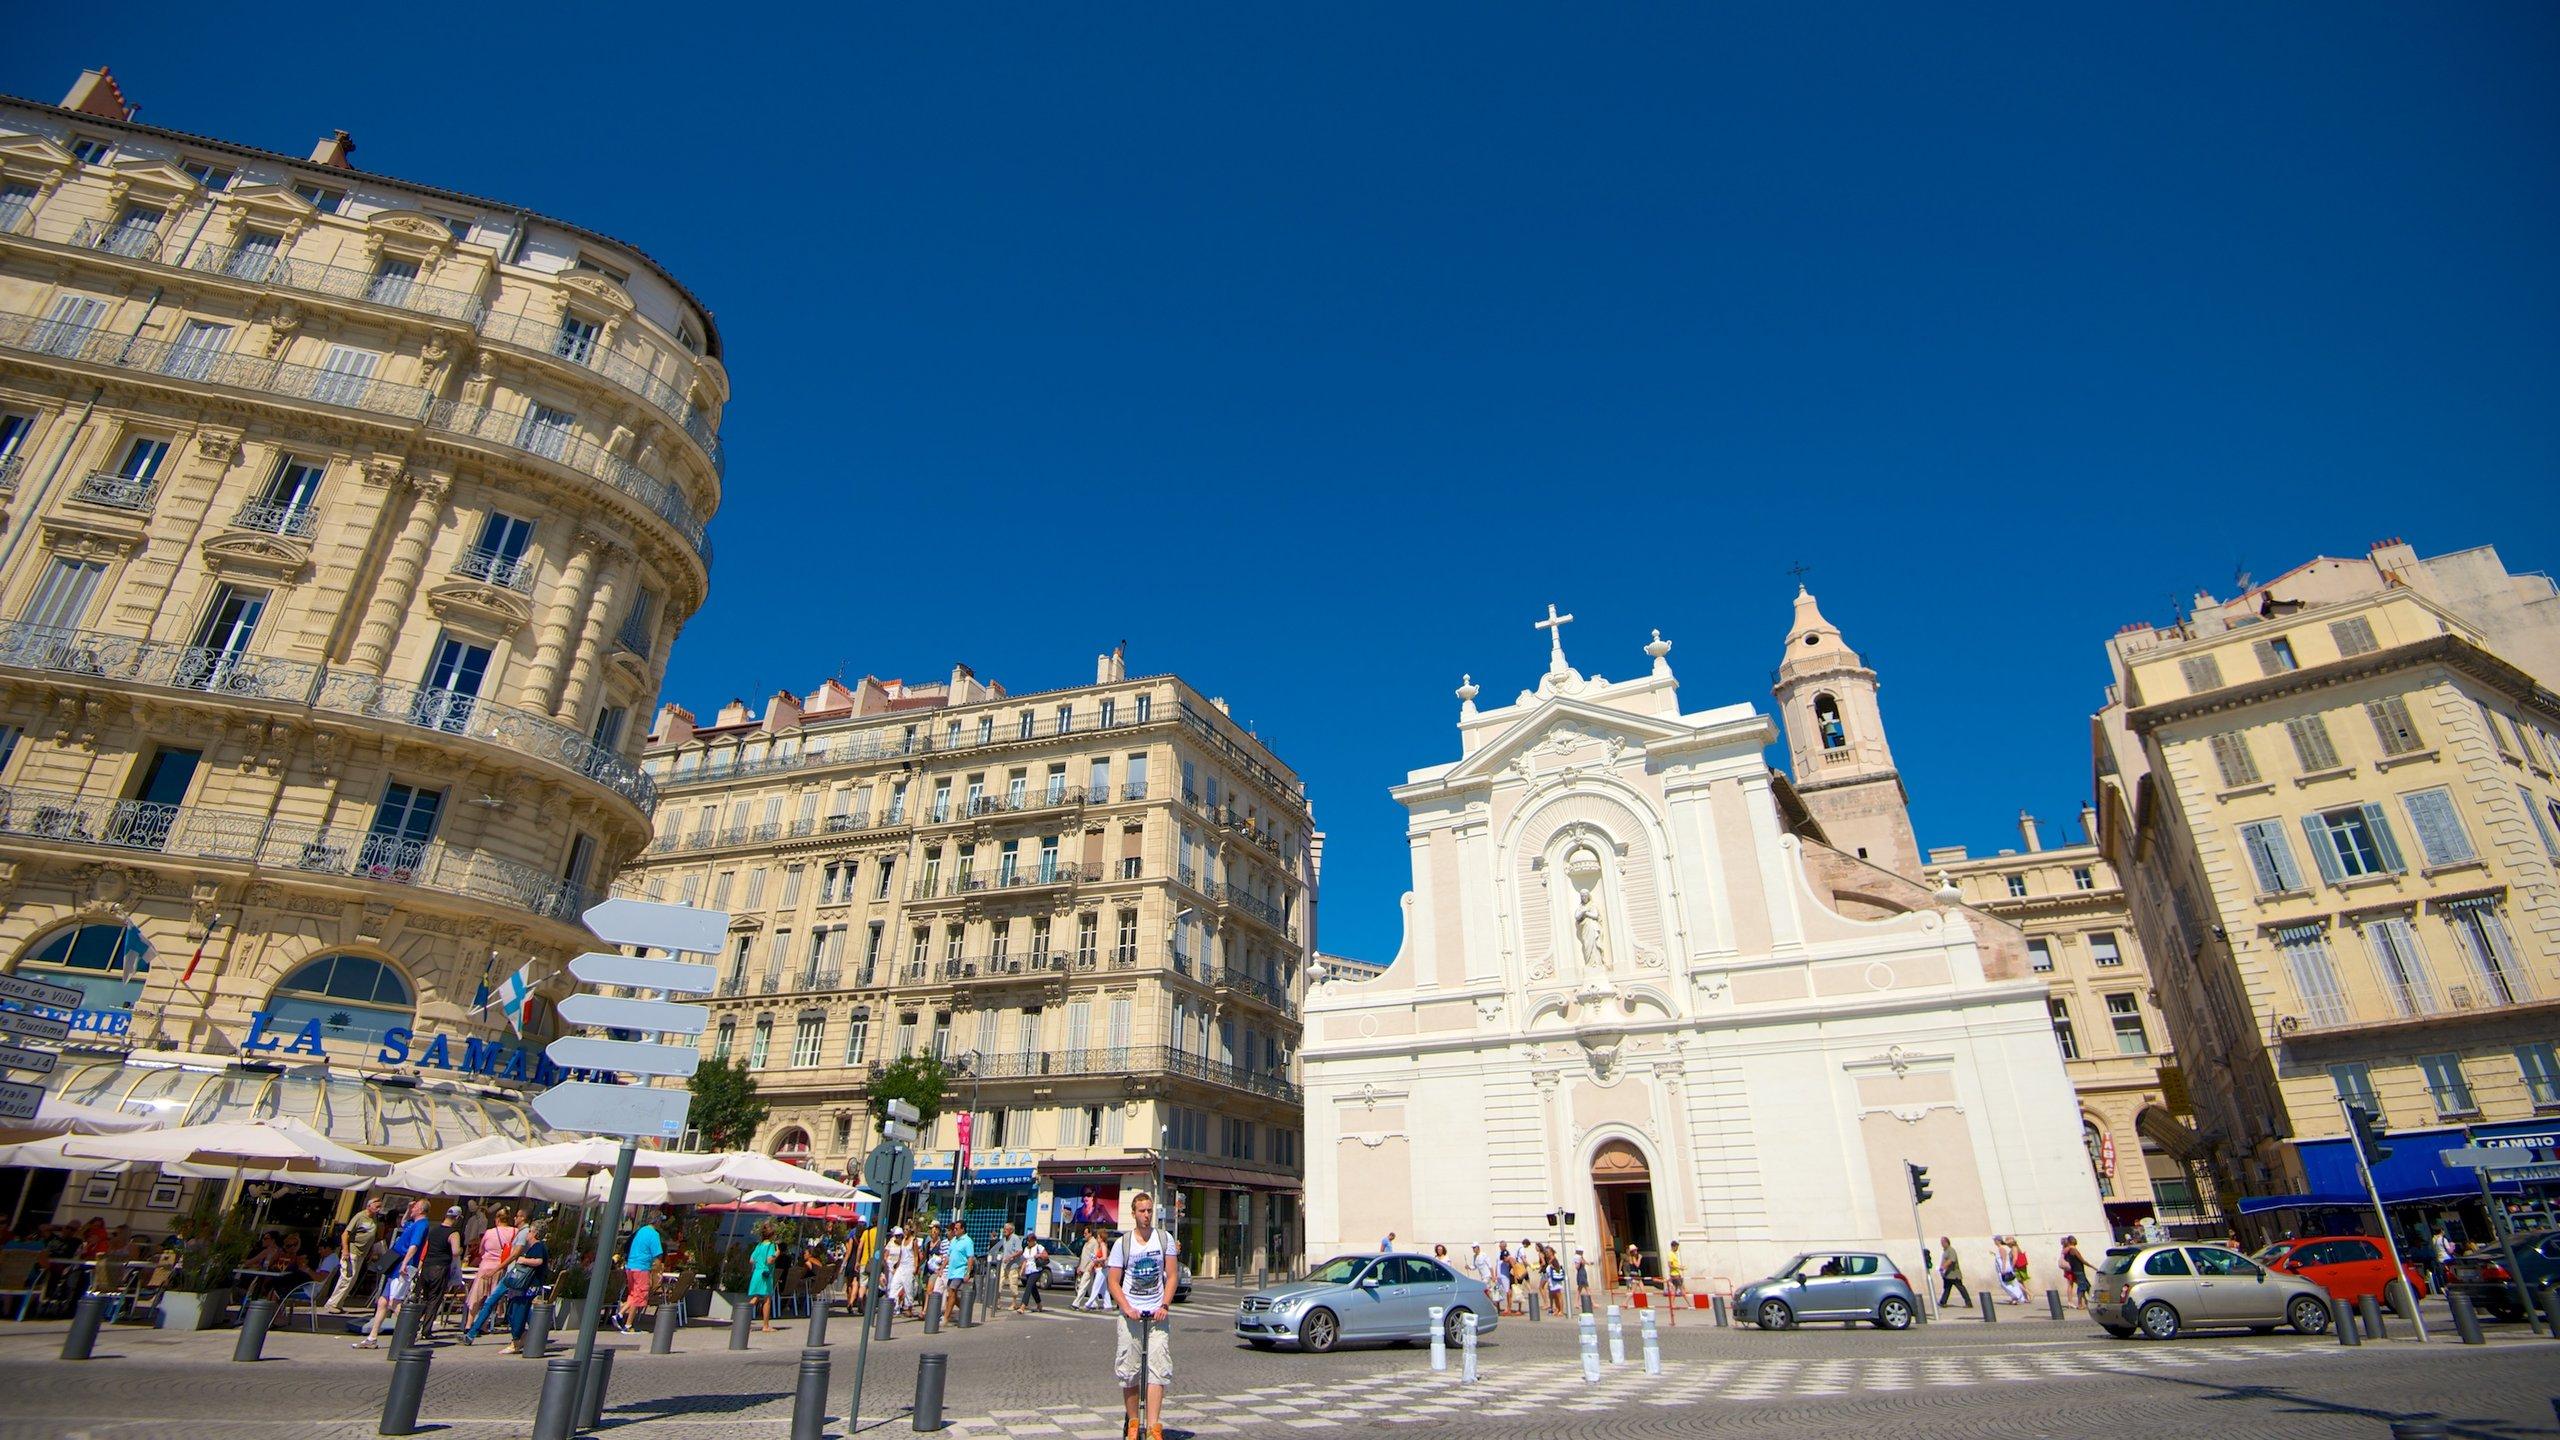 Dans le Vieux Port de Marseille, des siècles d'histoire vous contemplent. Vous y trouverez d'excellents cafés, des produits de qualité et profiterez d'une magnifique vue sur la ville et la Méditerranée.